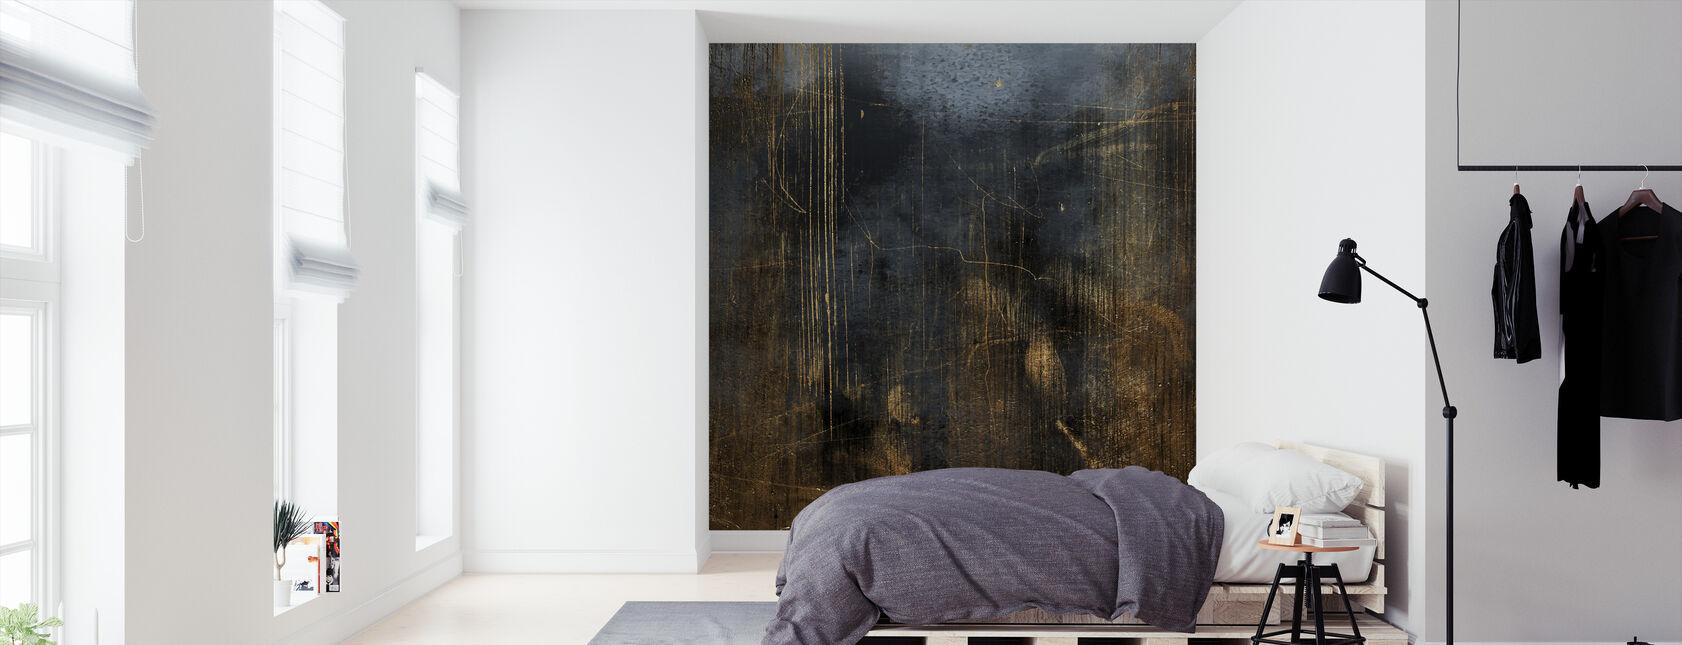 Orphan - Wallpaper - Bedroom